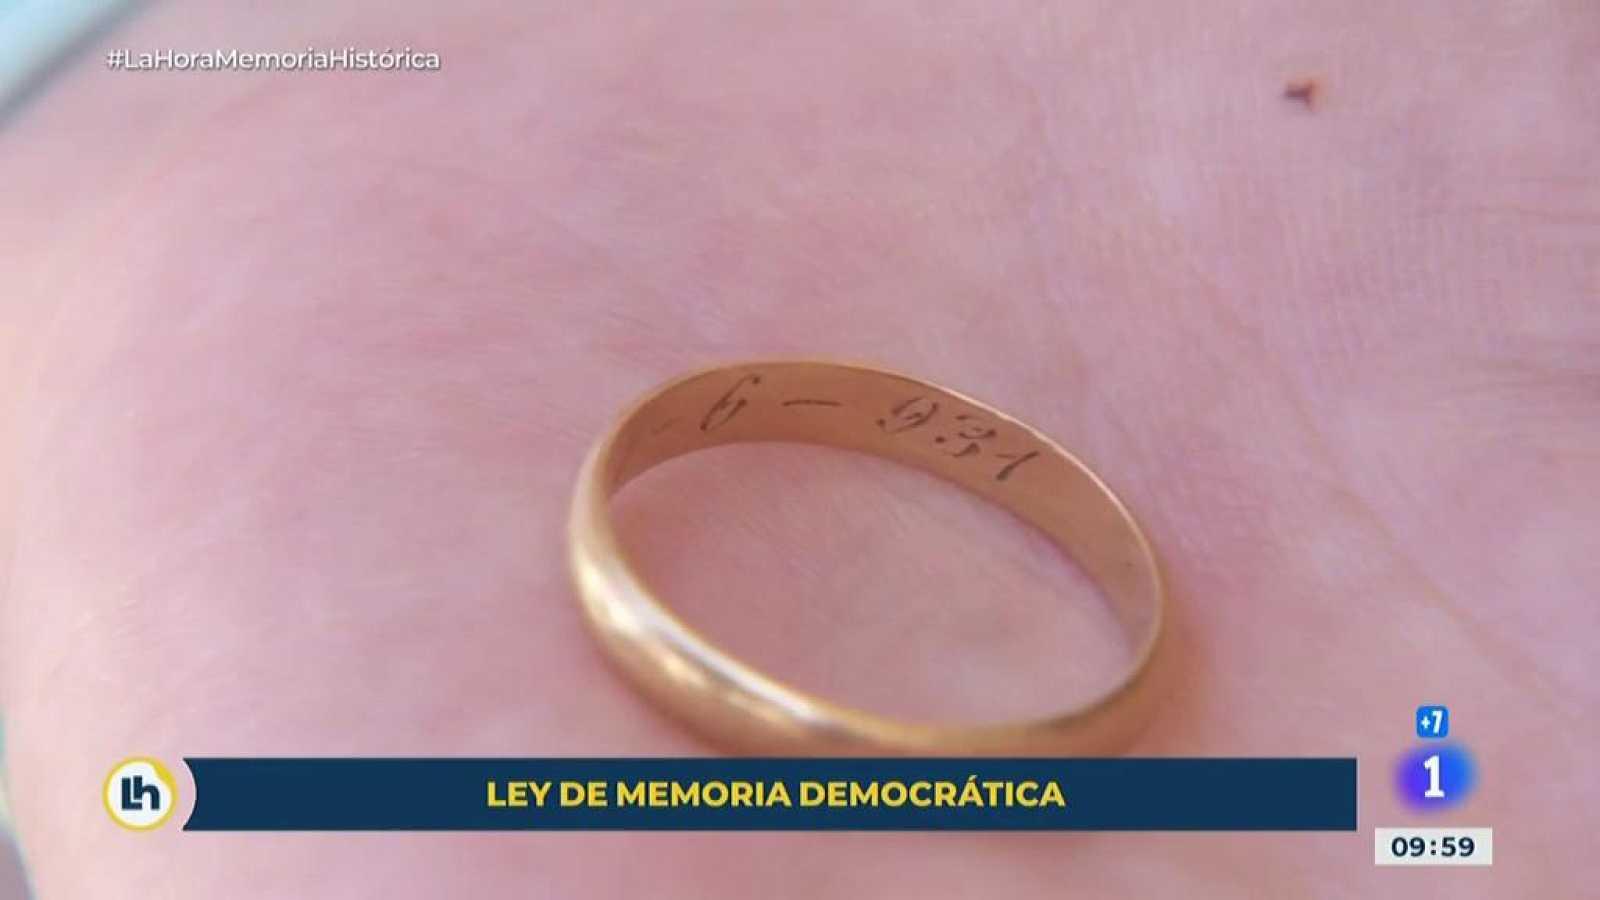 Memoría Democrática: la historia del hallazgo de la fosa de un hombre gracias a un anillo